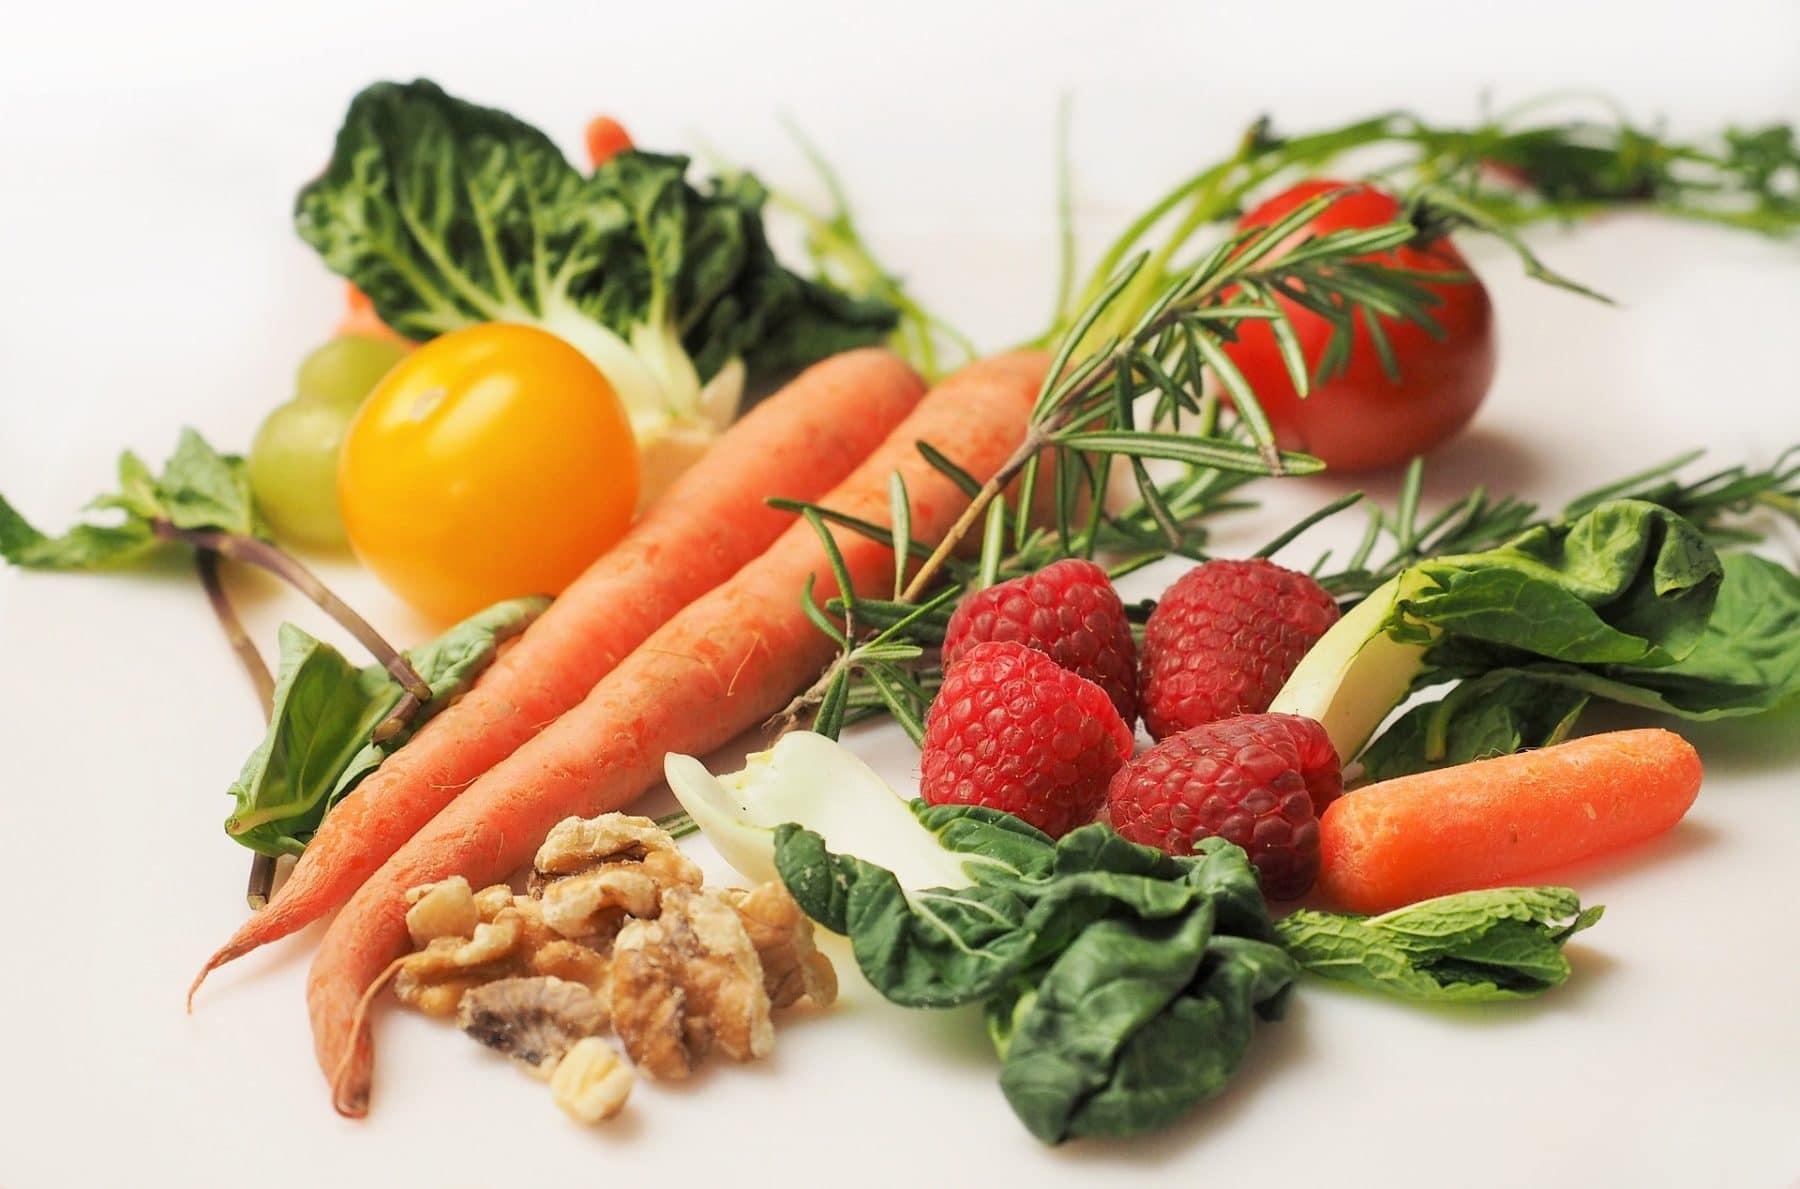 Auswahl frischer Gemüse- und Obstsorten